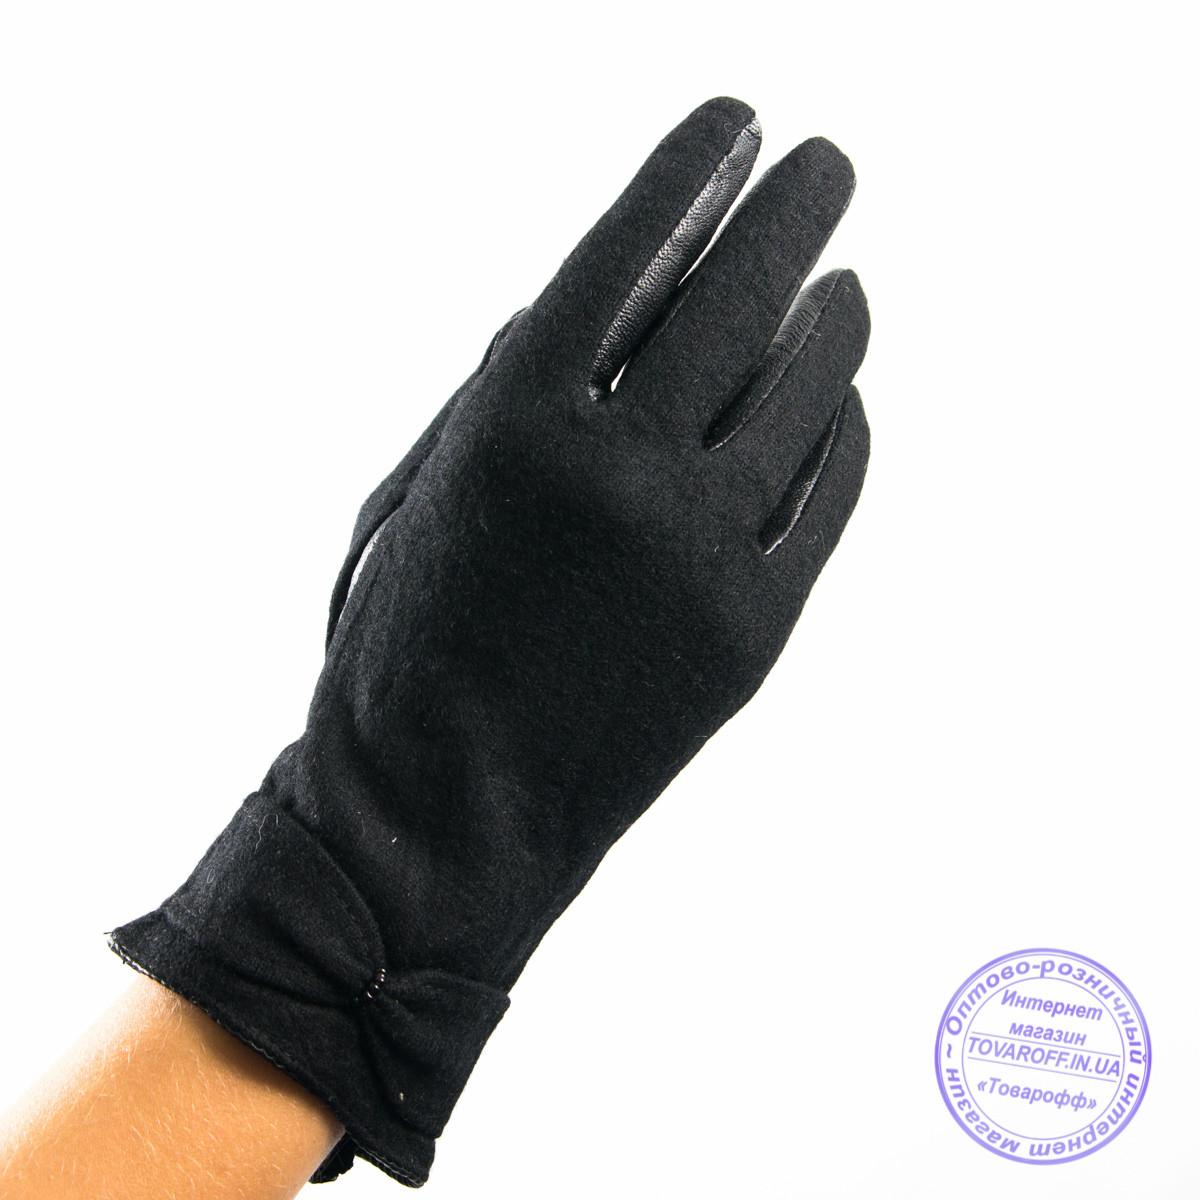 Женские кашемировые перчатки с кожаной ладошкой с плюшевой подкладкой - №F4-5